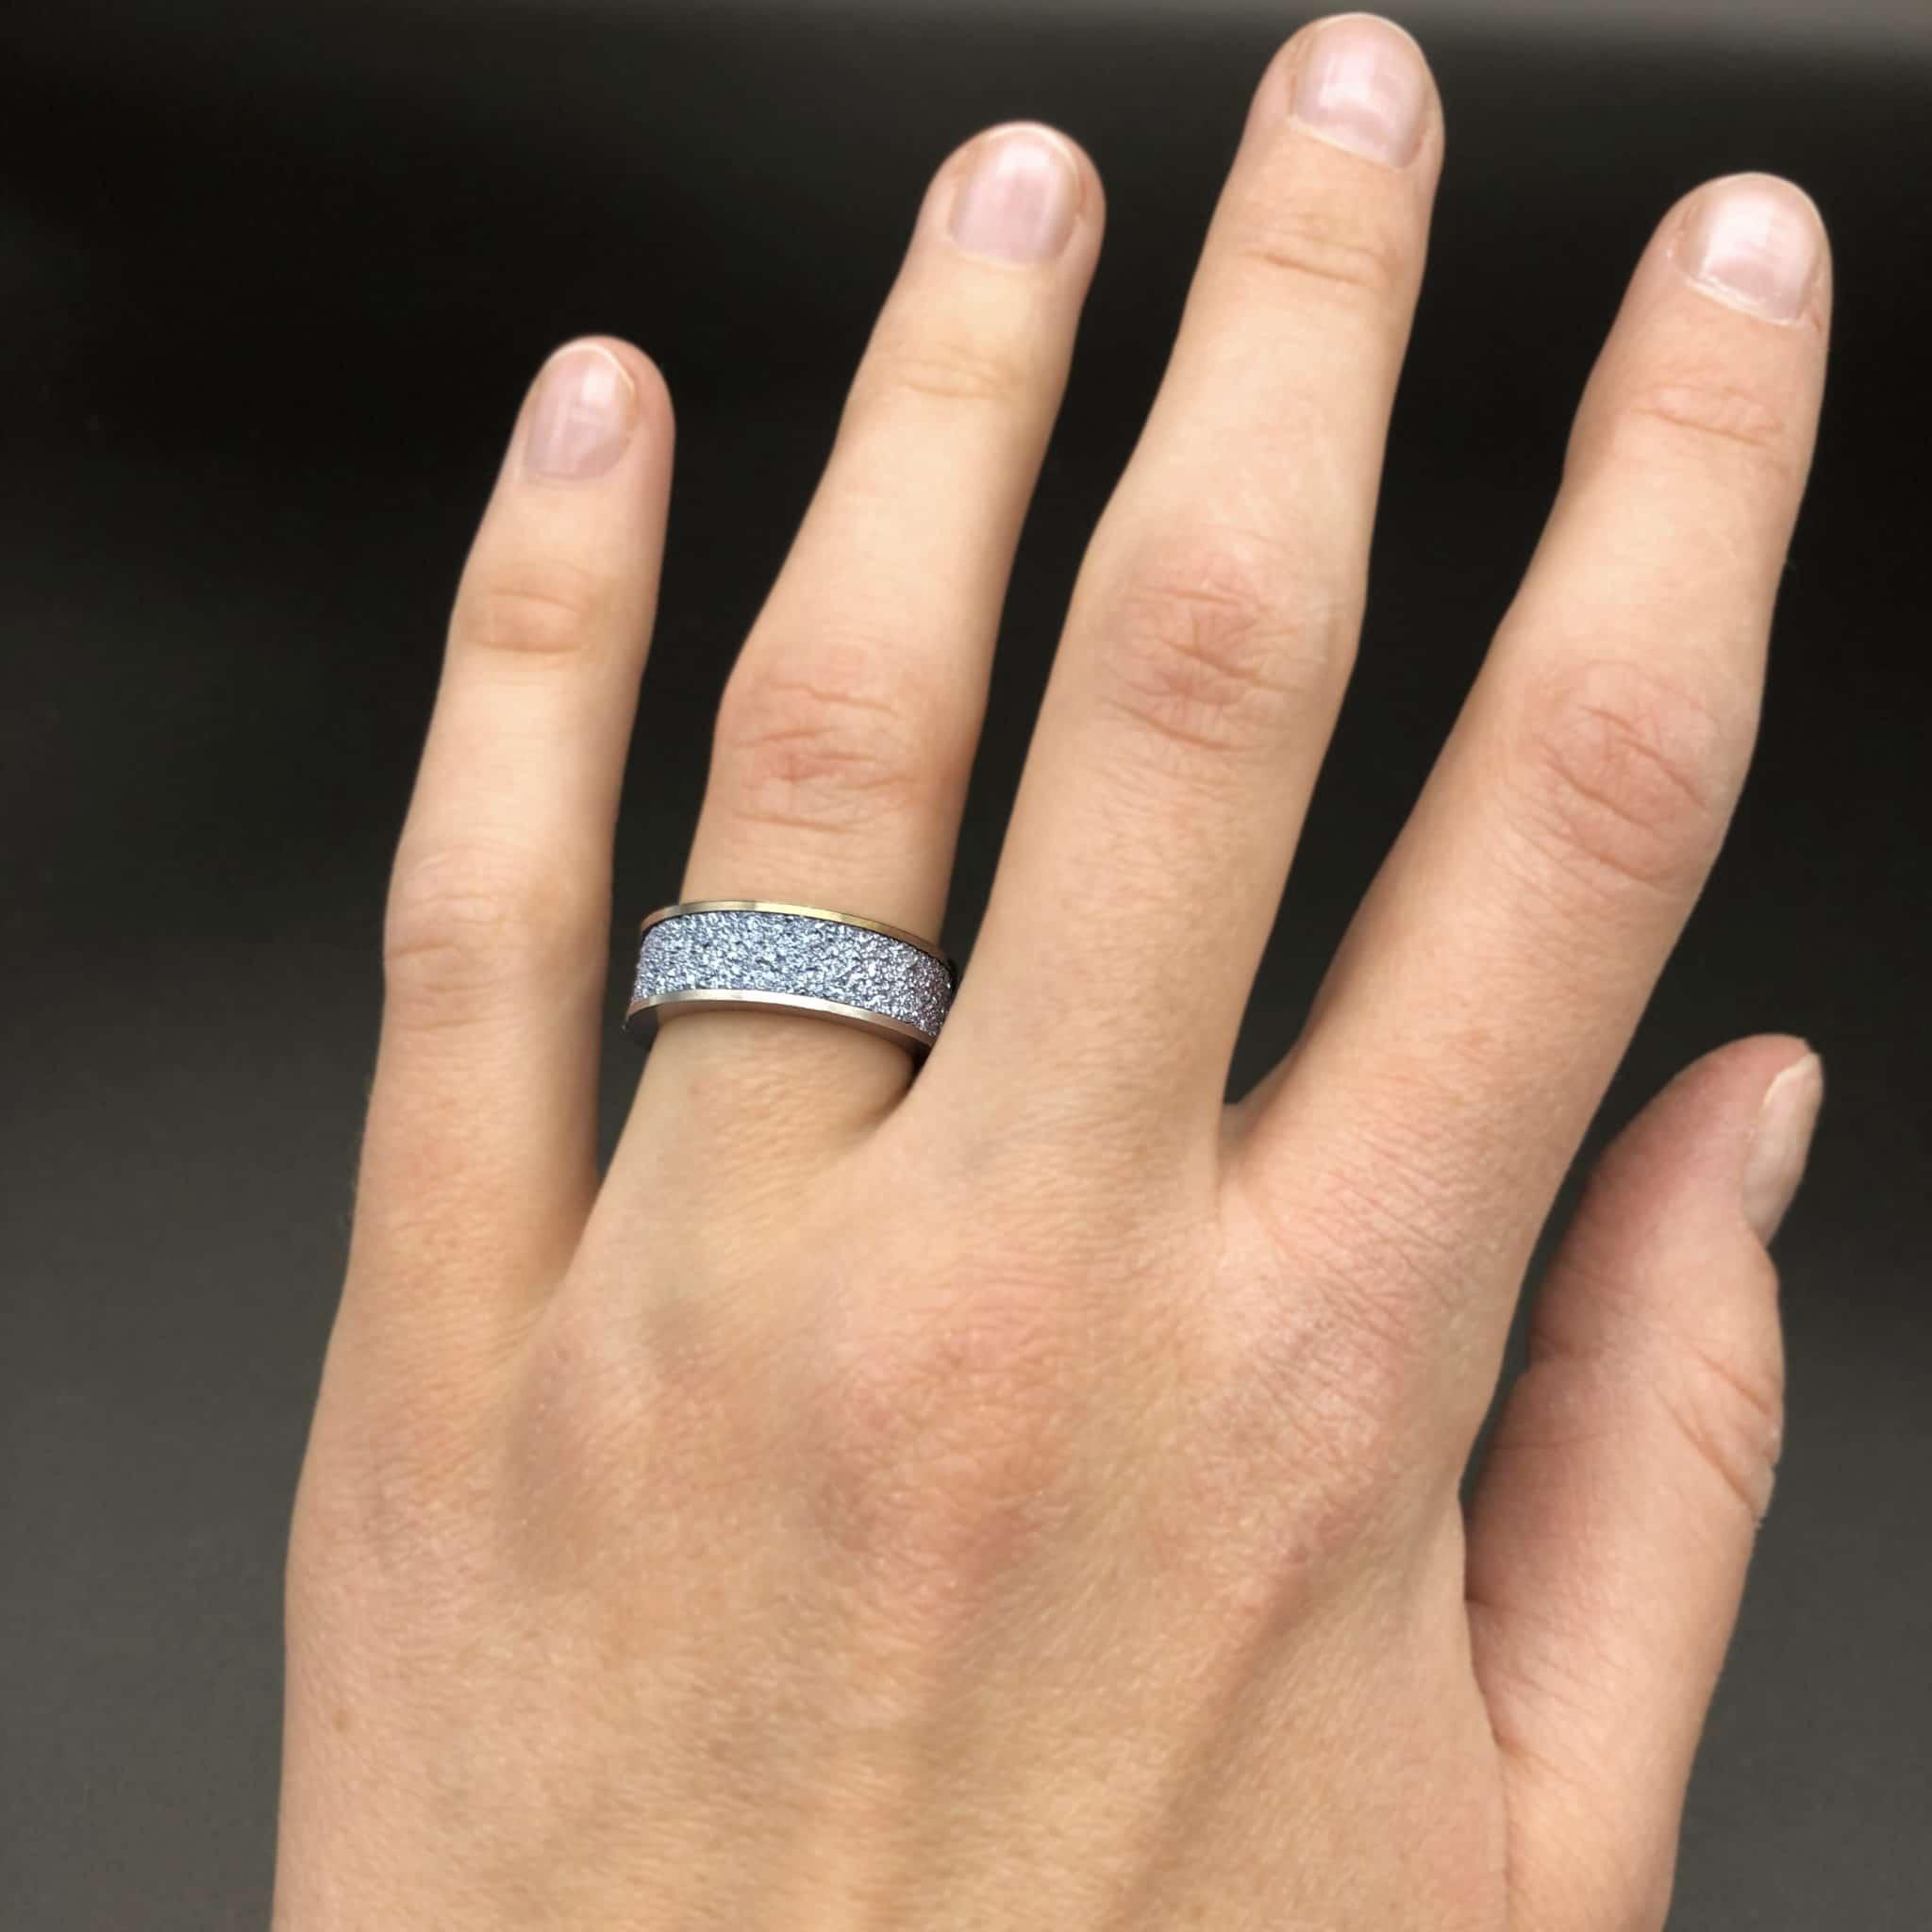 Osmium Ring getragen an der Hand